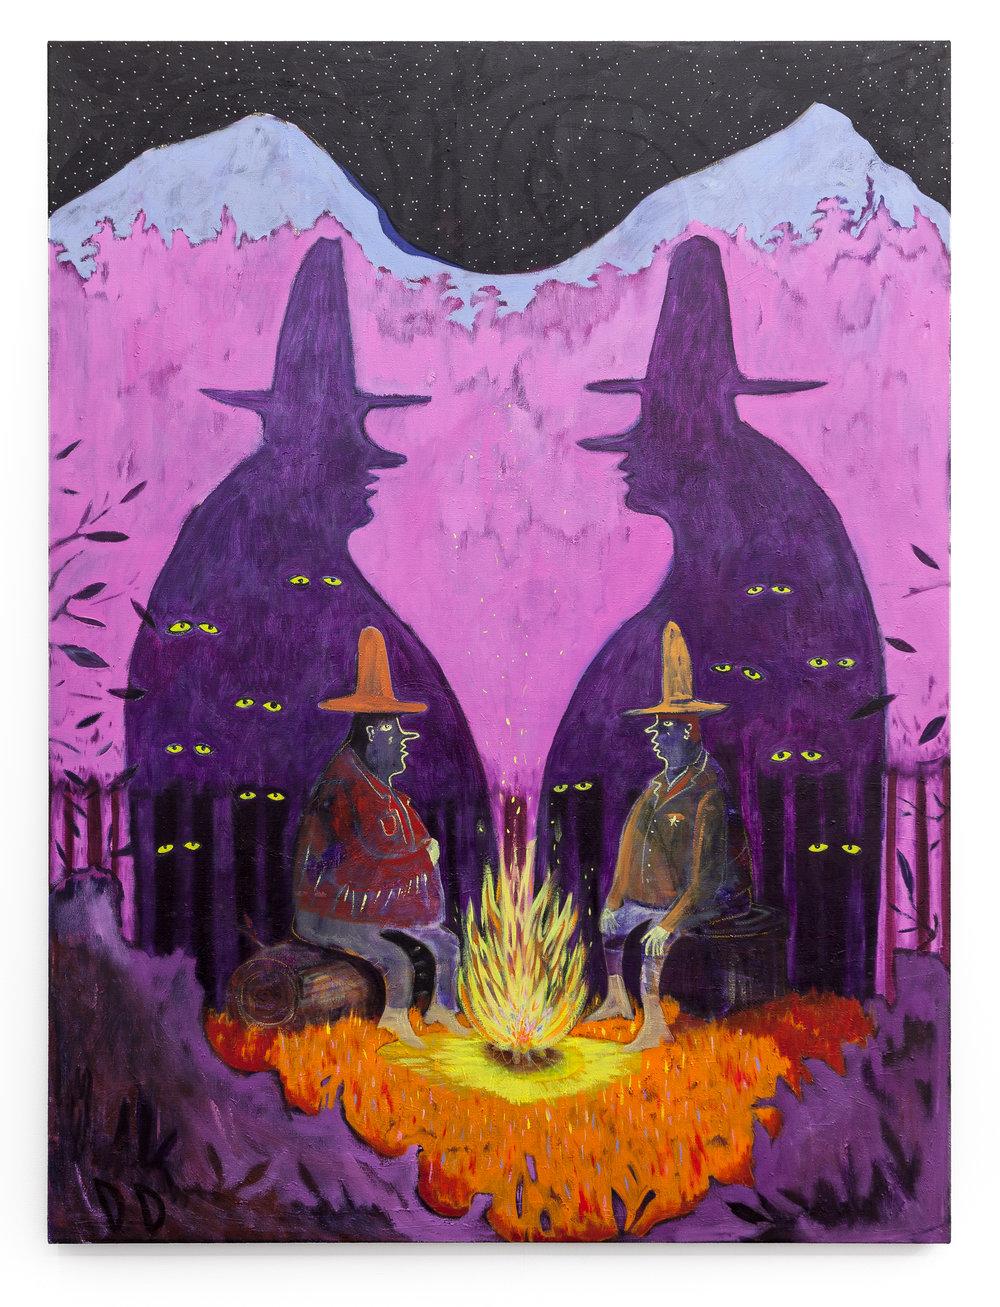 Tall Tales  Oil on Flax  150 x 200 cm  2016